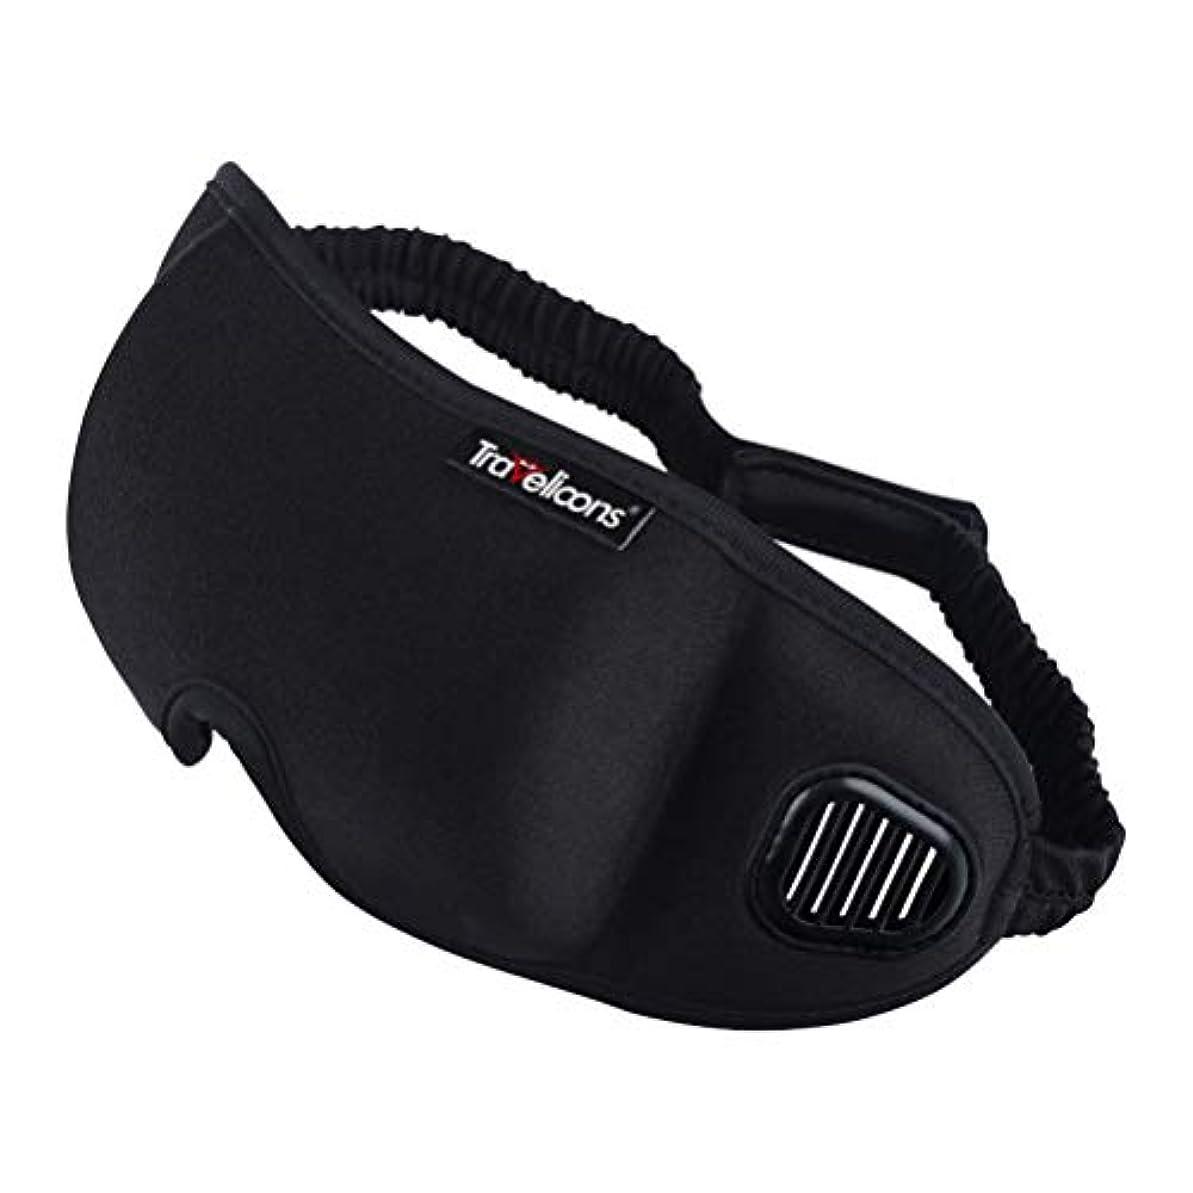 ボス物理的に国SUPVOX 男性と女性のための3Dスリープアイマスク(耳栓のない黒)